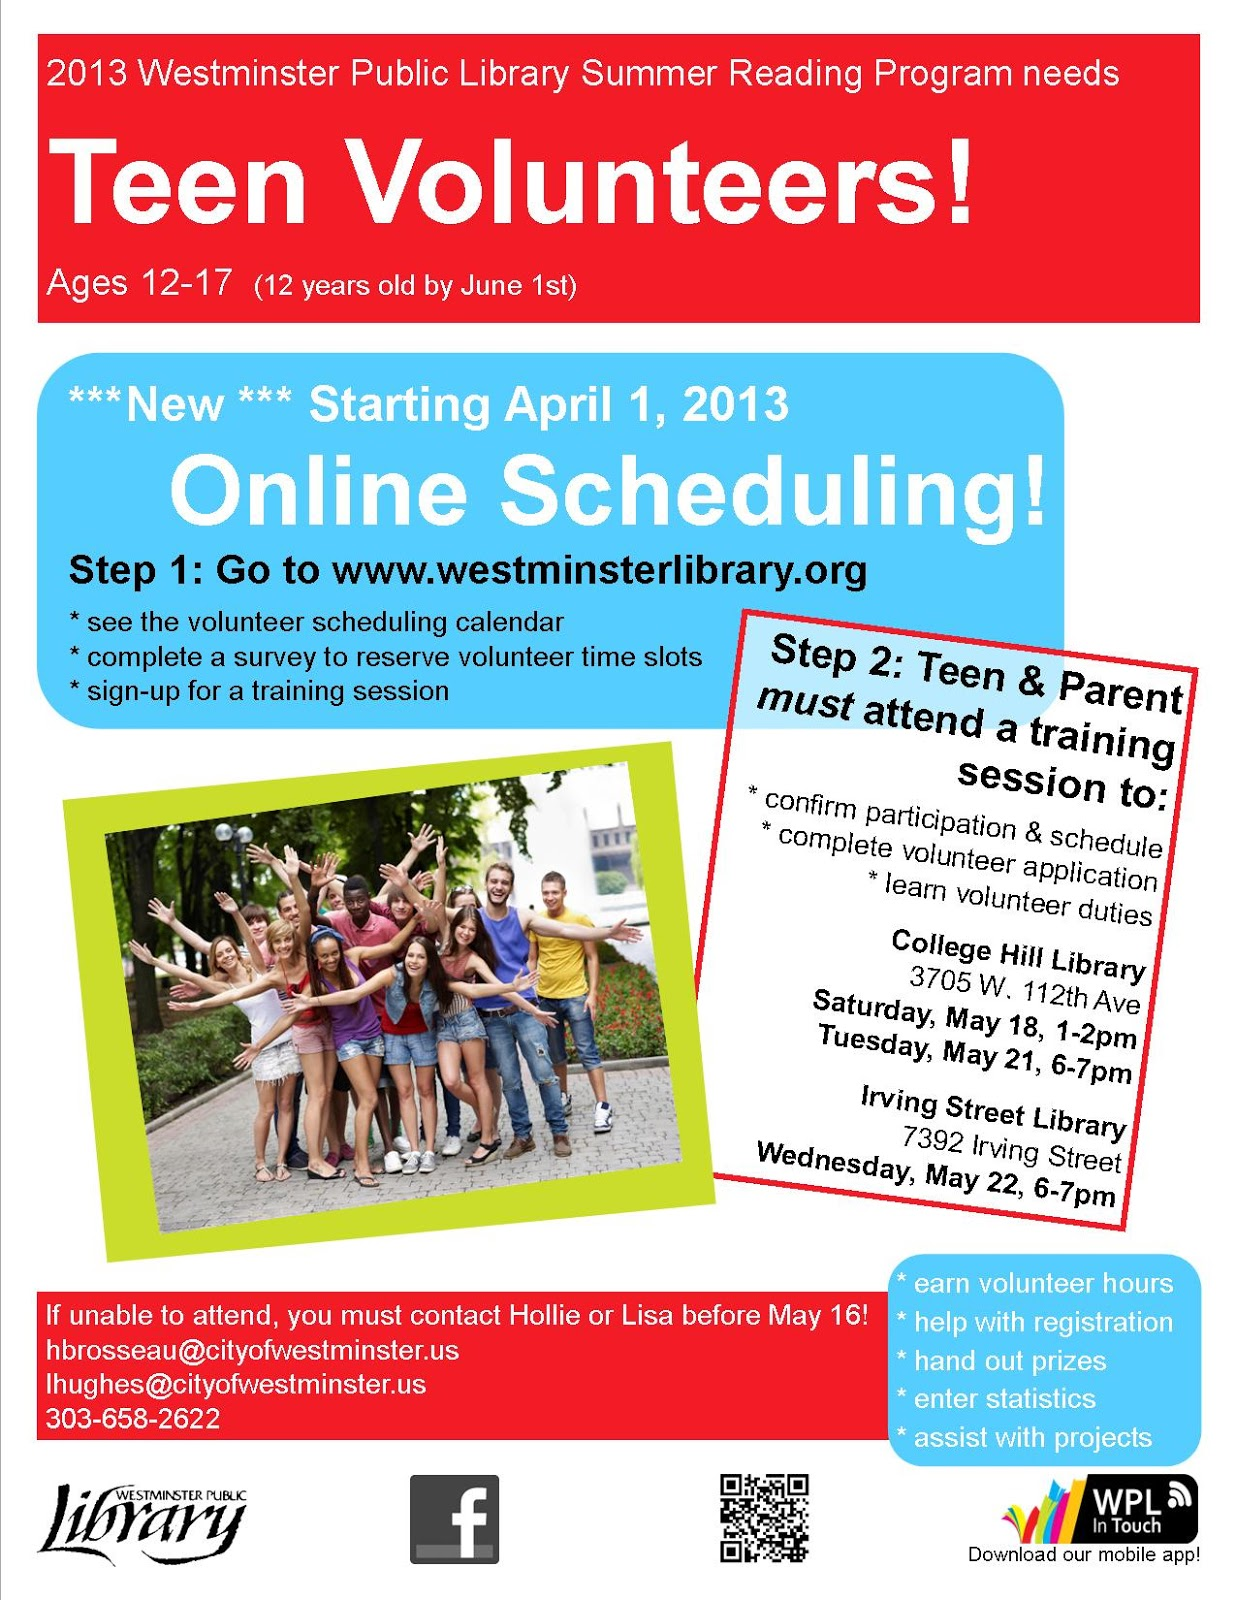 Volunteers Needed Flyer Template - Free volunteer recruitment flyer template